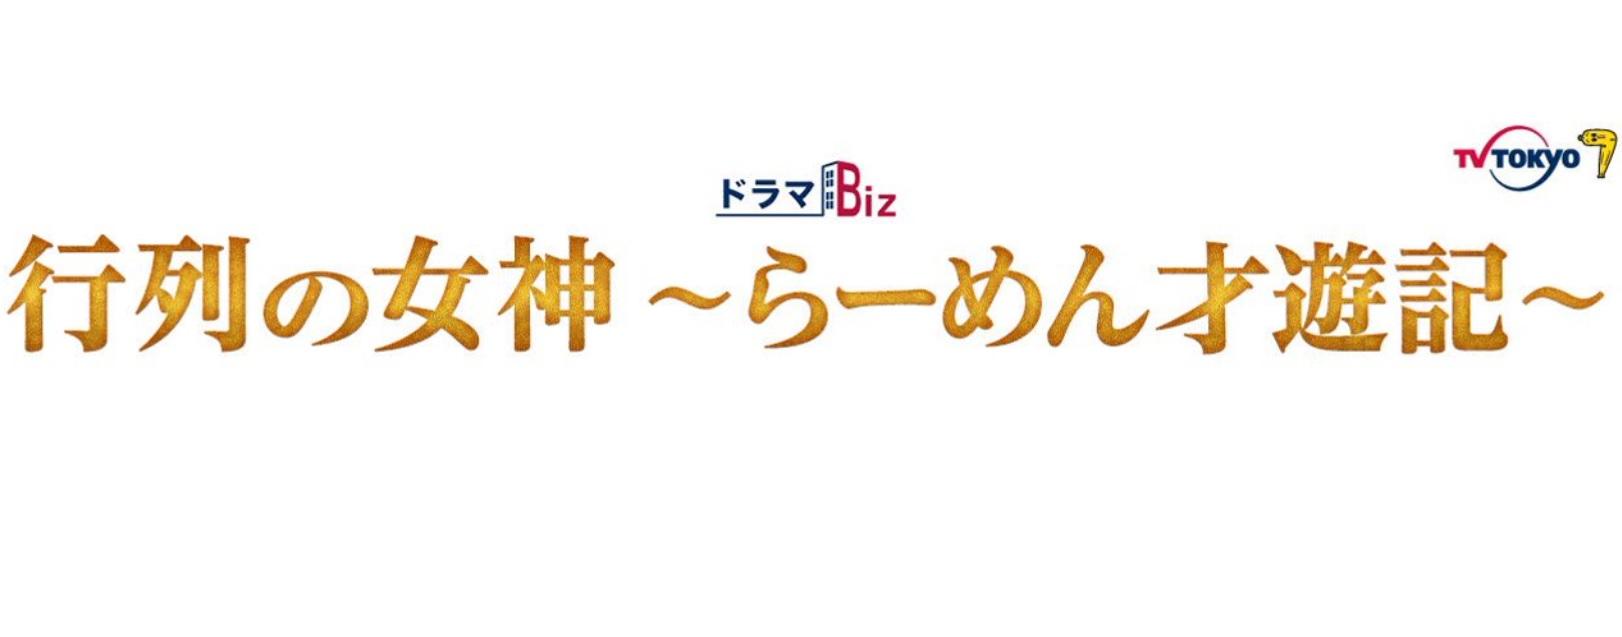 漫画「らーめん才遊記」ドラマ化!1巻ネタバレ・感想とキャスト紹介